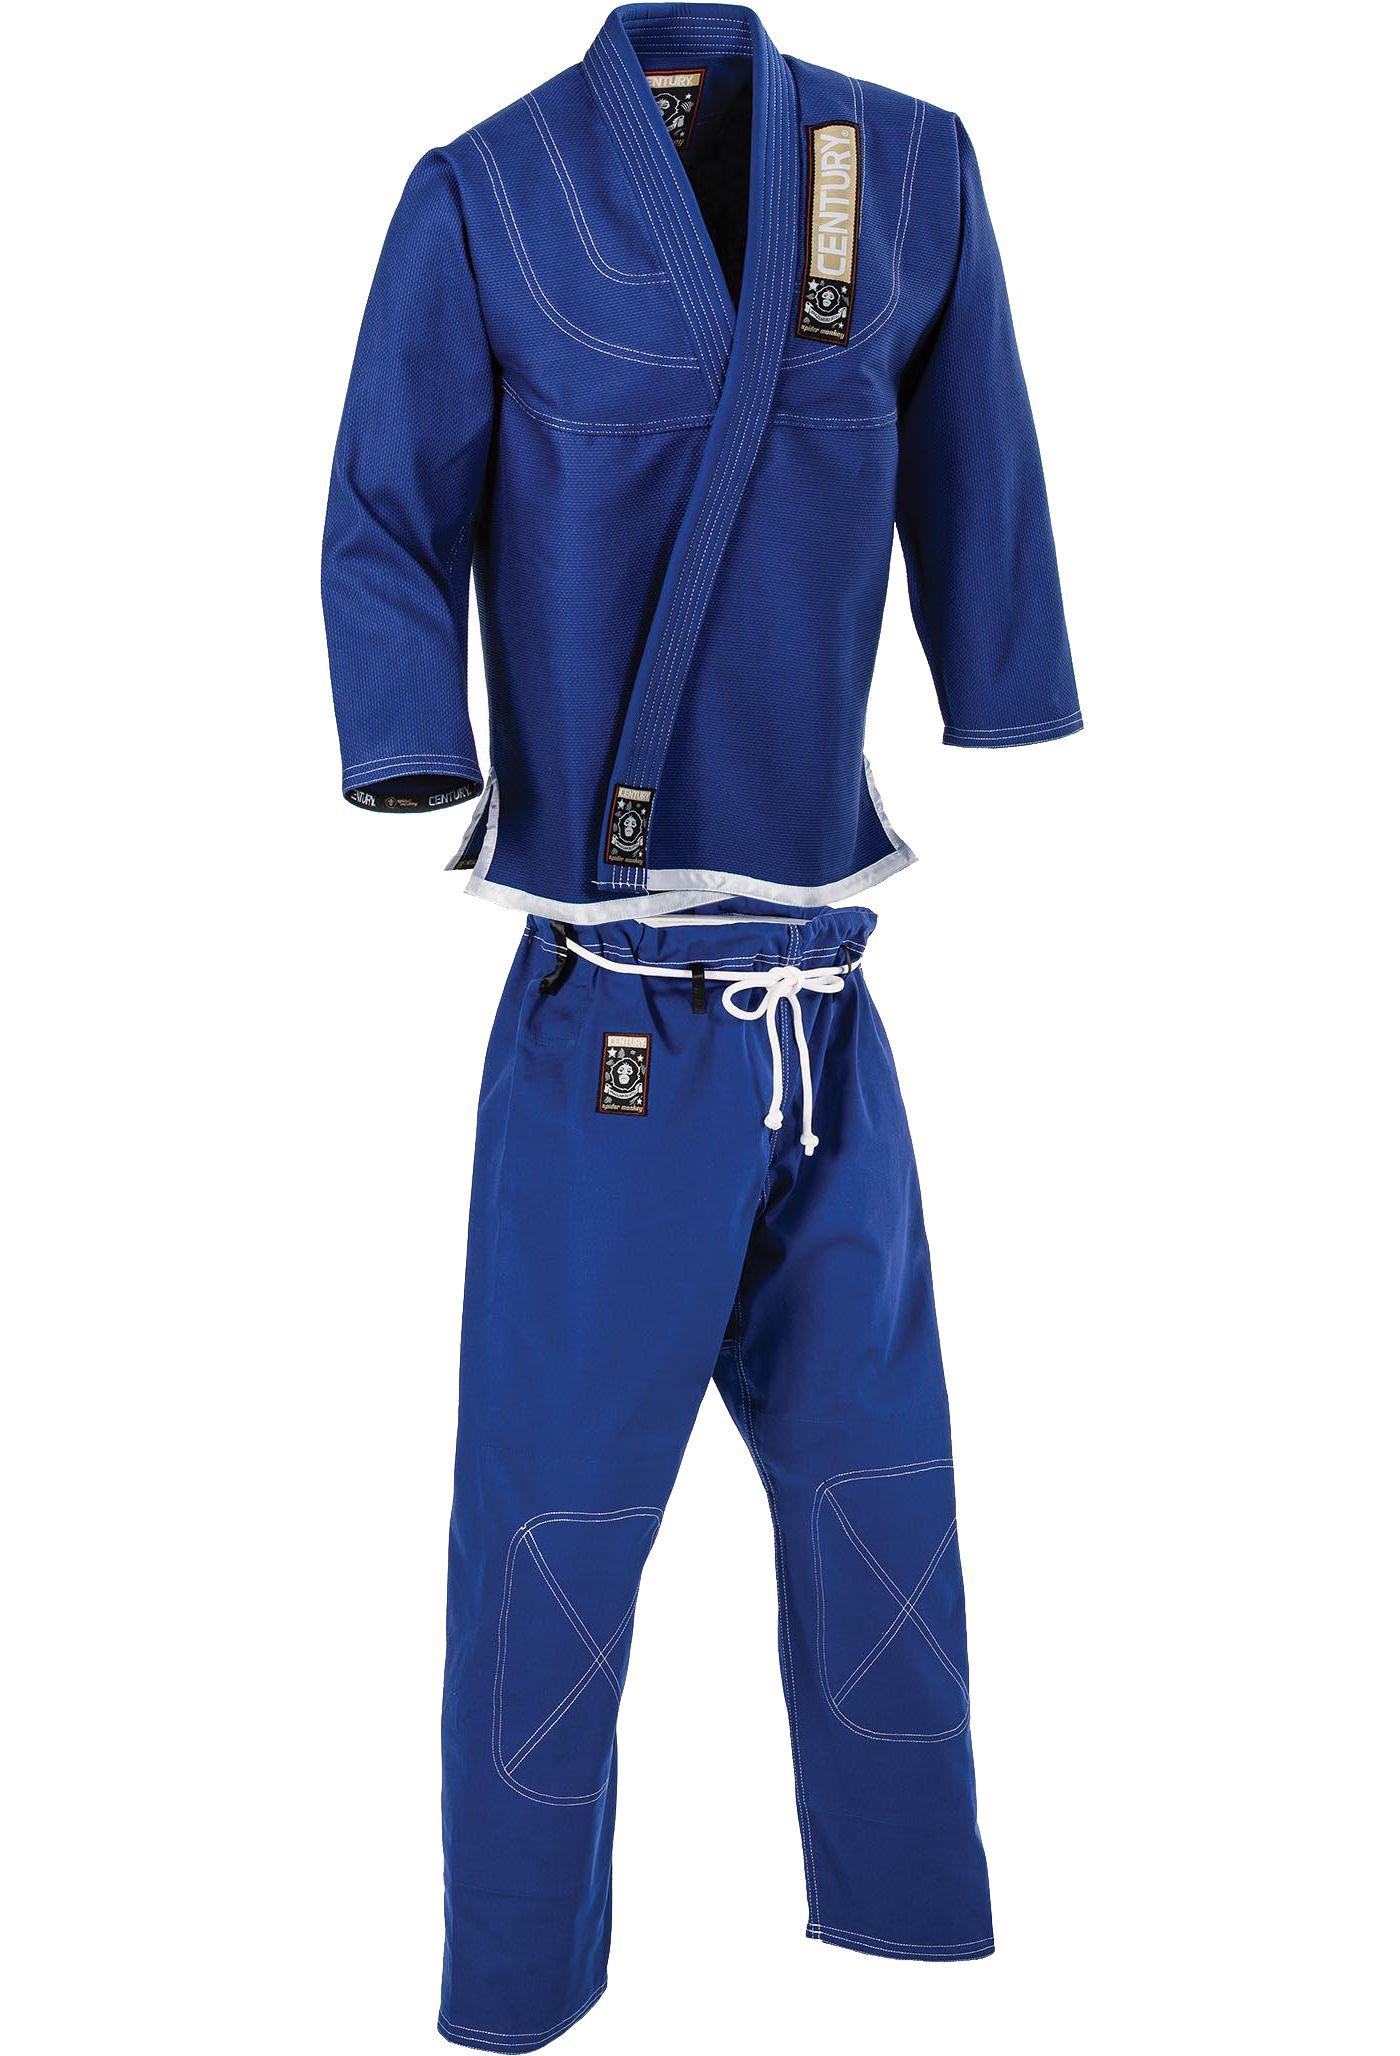 Century Adult Spider Monkey Brazilian Jiu-Jitsu Uniform